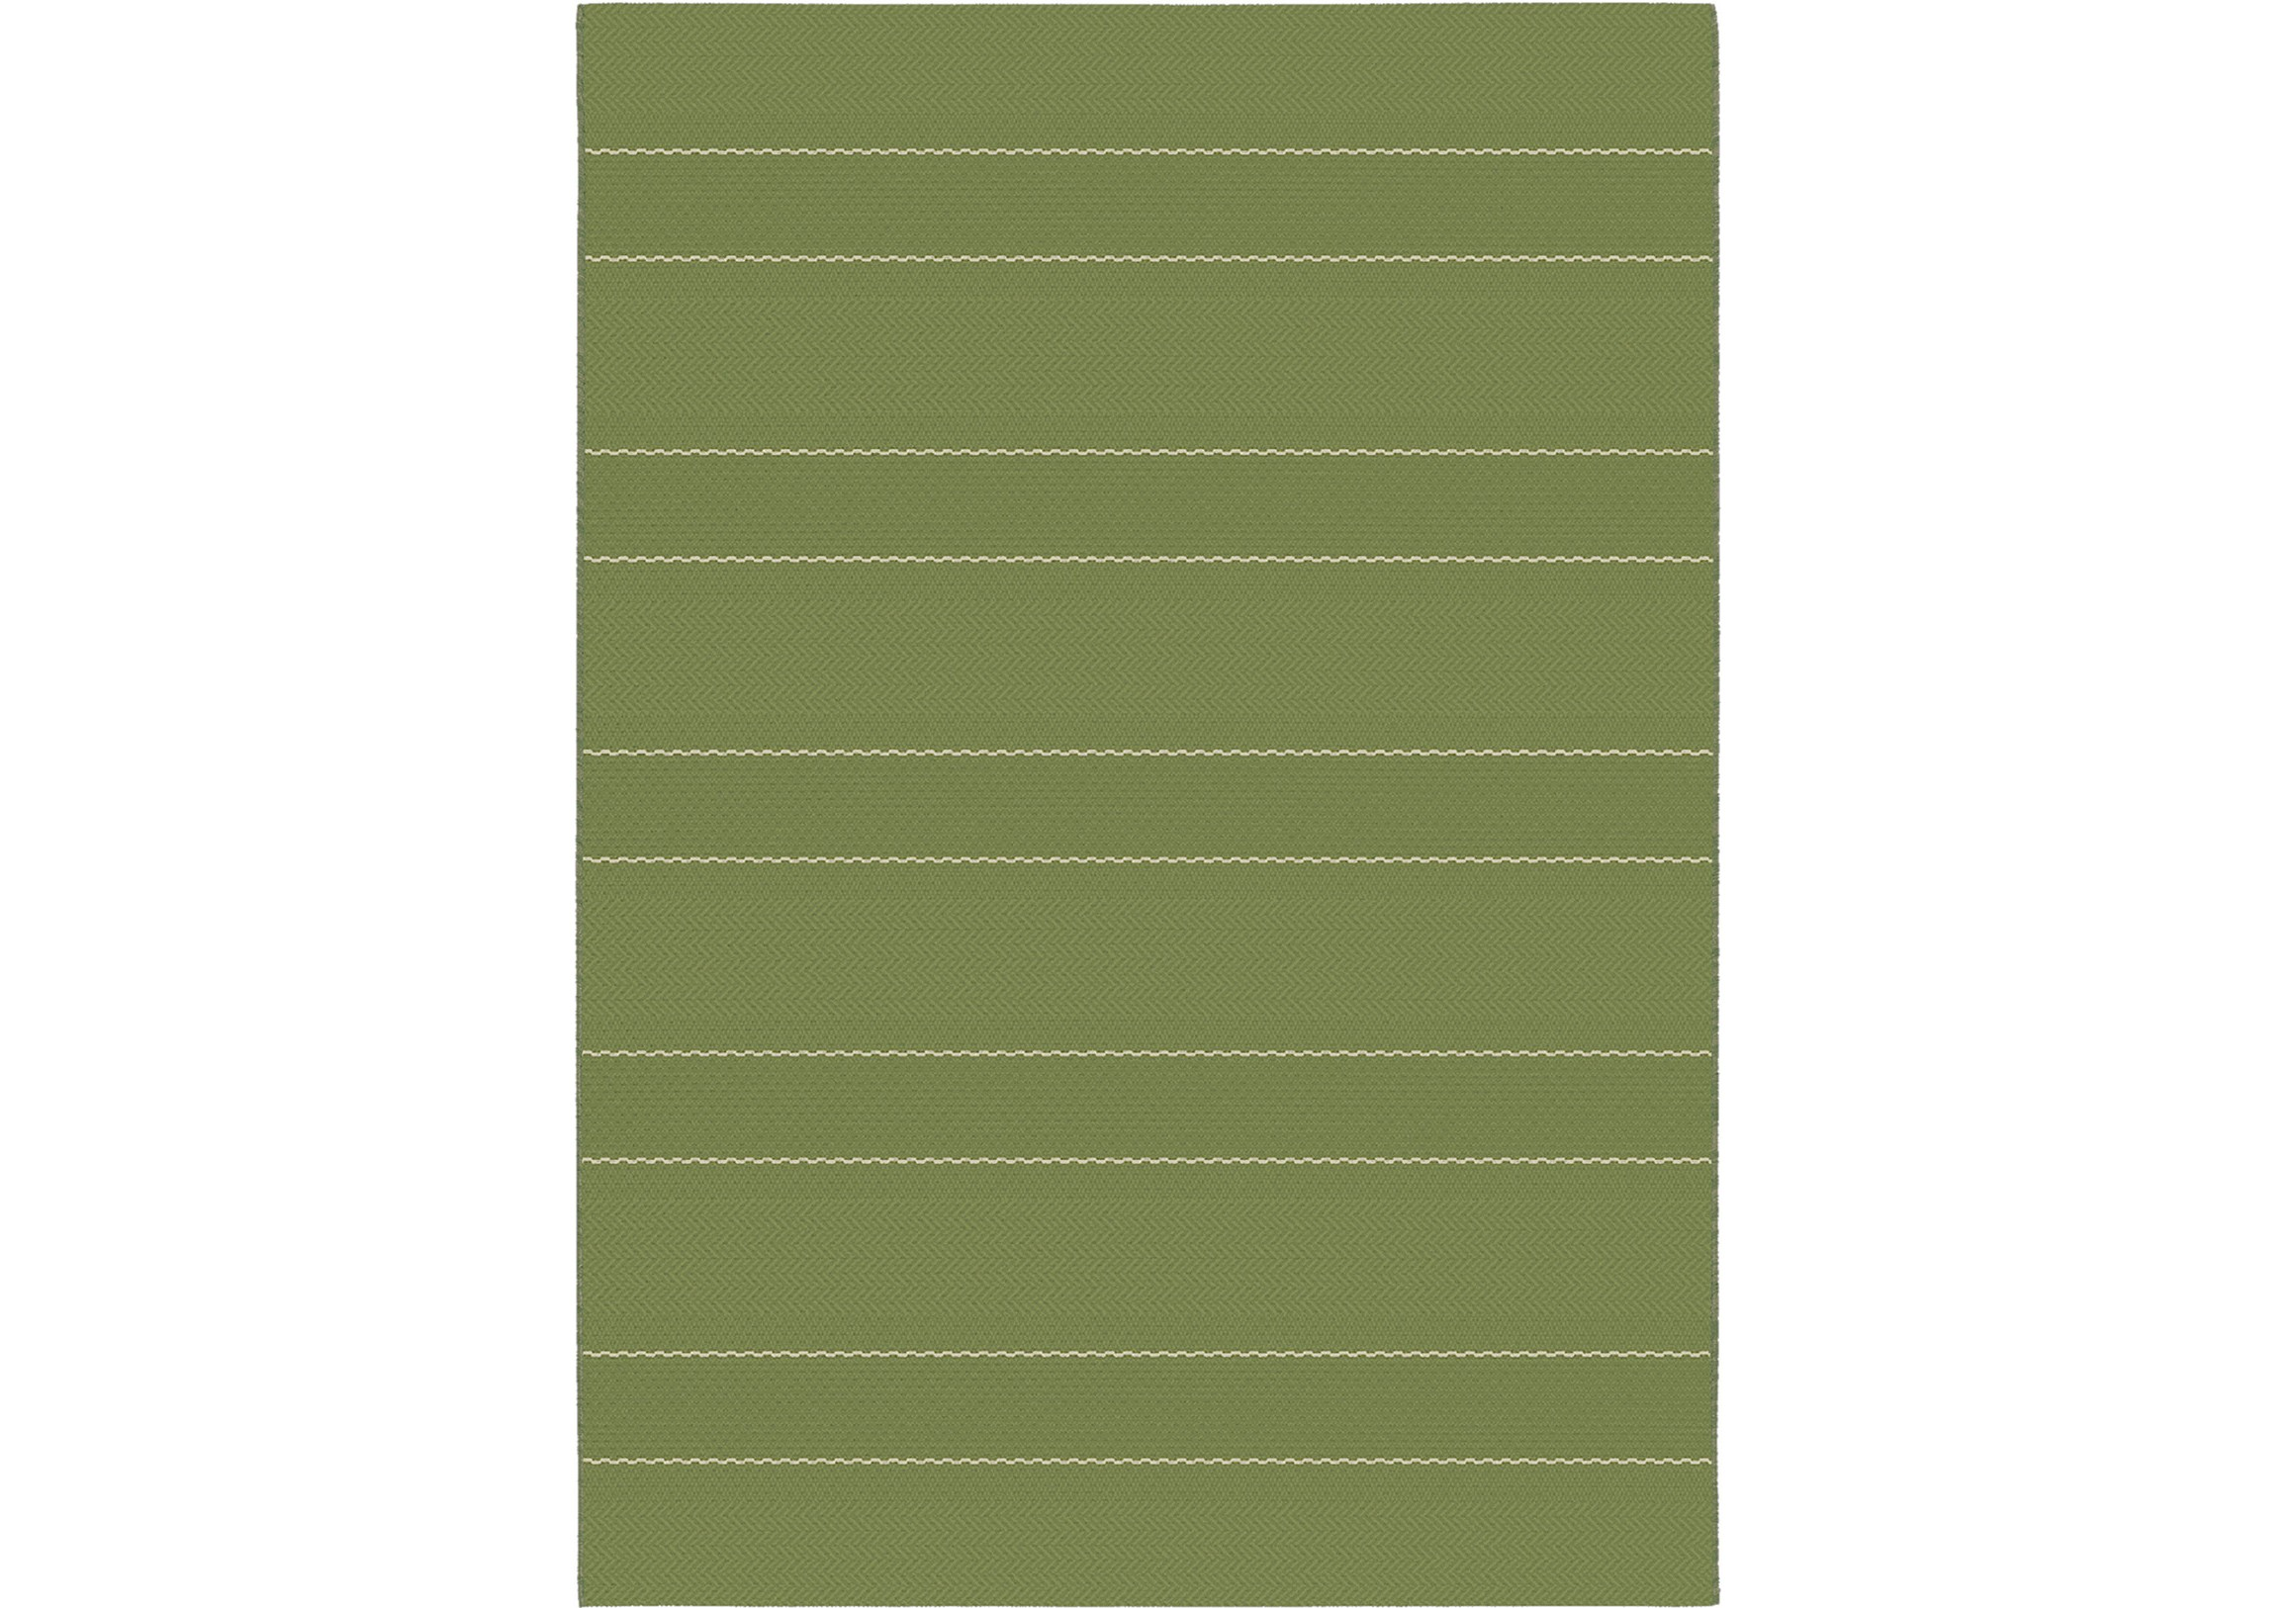 Ковер Comfy 230х160Прямоугольные ковры<br>Плоские ковры обязательны для ассортимента: легко чистятся, быстро пылесосить, массаж для ног, идеально для алергиков. Все плоскотканные ковры можно использовать внутри помещений и снаружи.&amp;amp;nbsp;&amp;lt;div&amp;gt;&amp;lt;br&amp;gt;&amp;lt;/div&amp;gt;&amp;lt;div&amp;gt;Химический состав нити устойчив к UV и температурам.&amp;amp;nbsp;&amp;lt;/div&amp;gt;&amp;lt;div&amp;gt;Можно чистить мойкой высокого давления.&amp;lt;/div&amp;gt;&amp;lt;div&amp;gt;Материал: 100% Полипропилен.&amp;lt;br&amp;gt;&amp;lt;/div&amp;gt;<br><br>Material: Текстиль